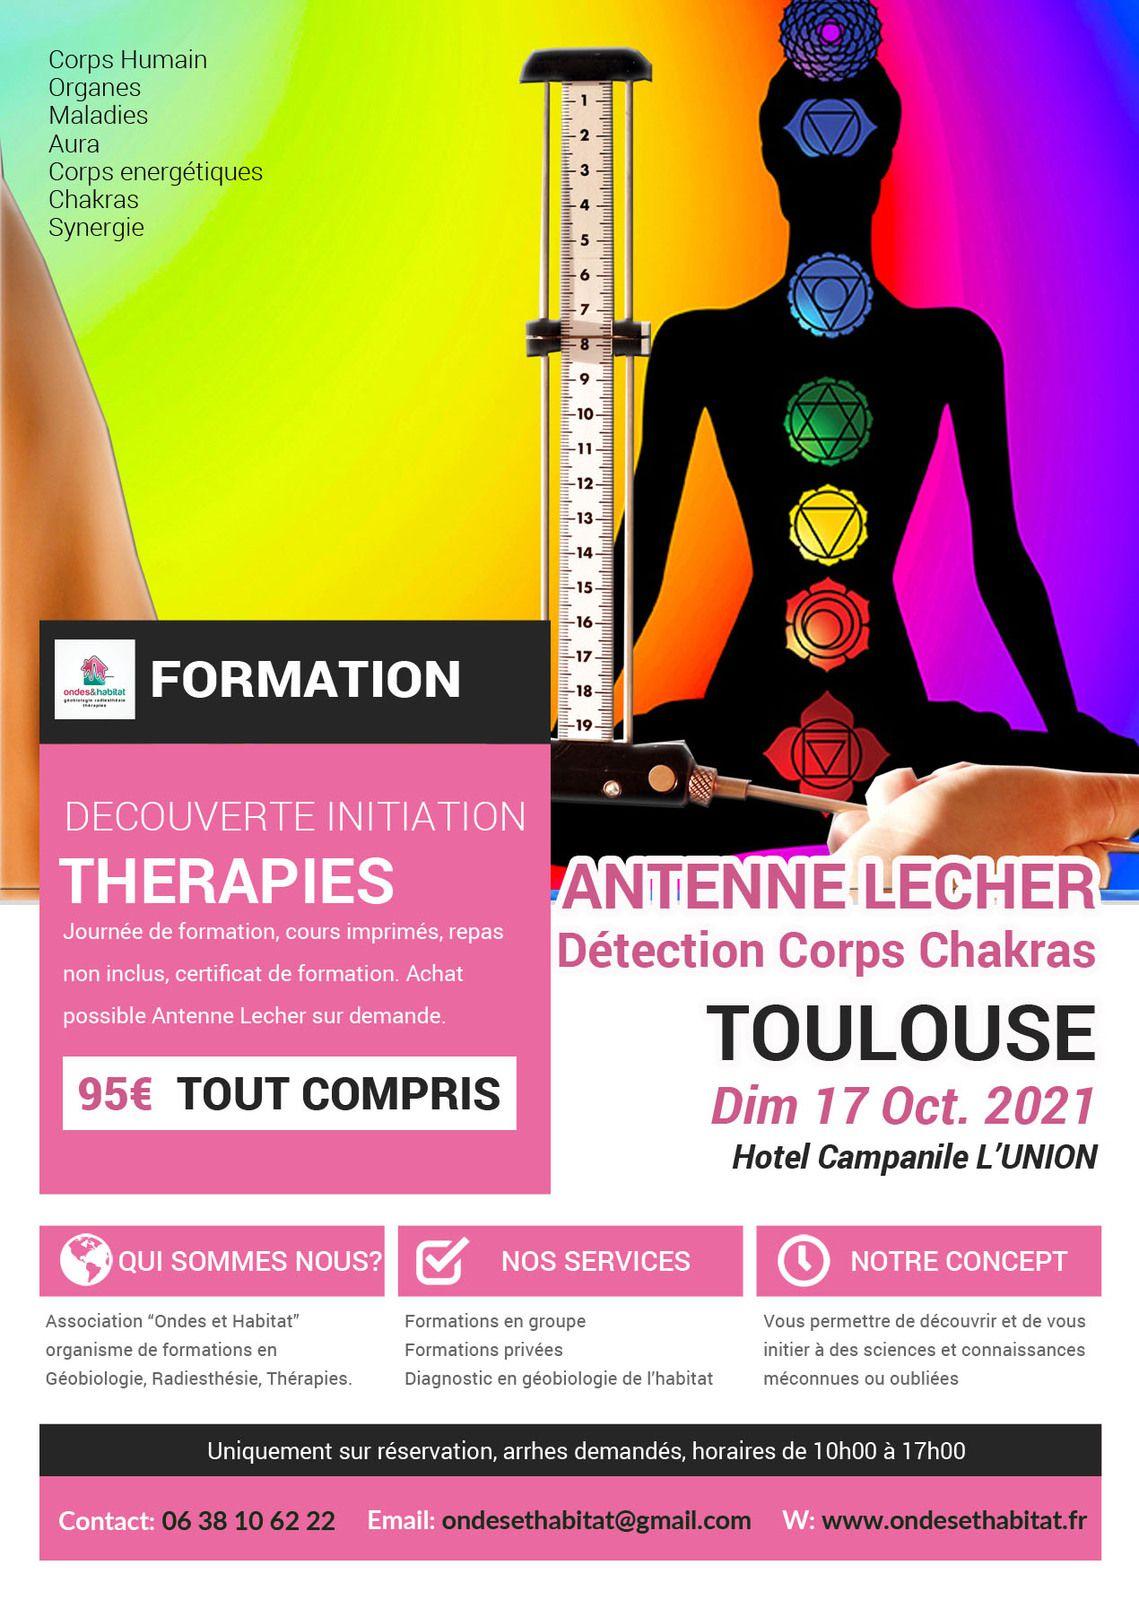 """TOULOUSE - FORMATION Antenne LECHER : """"Détection Soins énergétiques» Chakras, aura, corps humain et énergétique, synergie, organes, maladies. Dimanche 17 octobre 2021"""